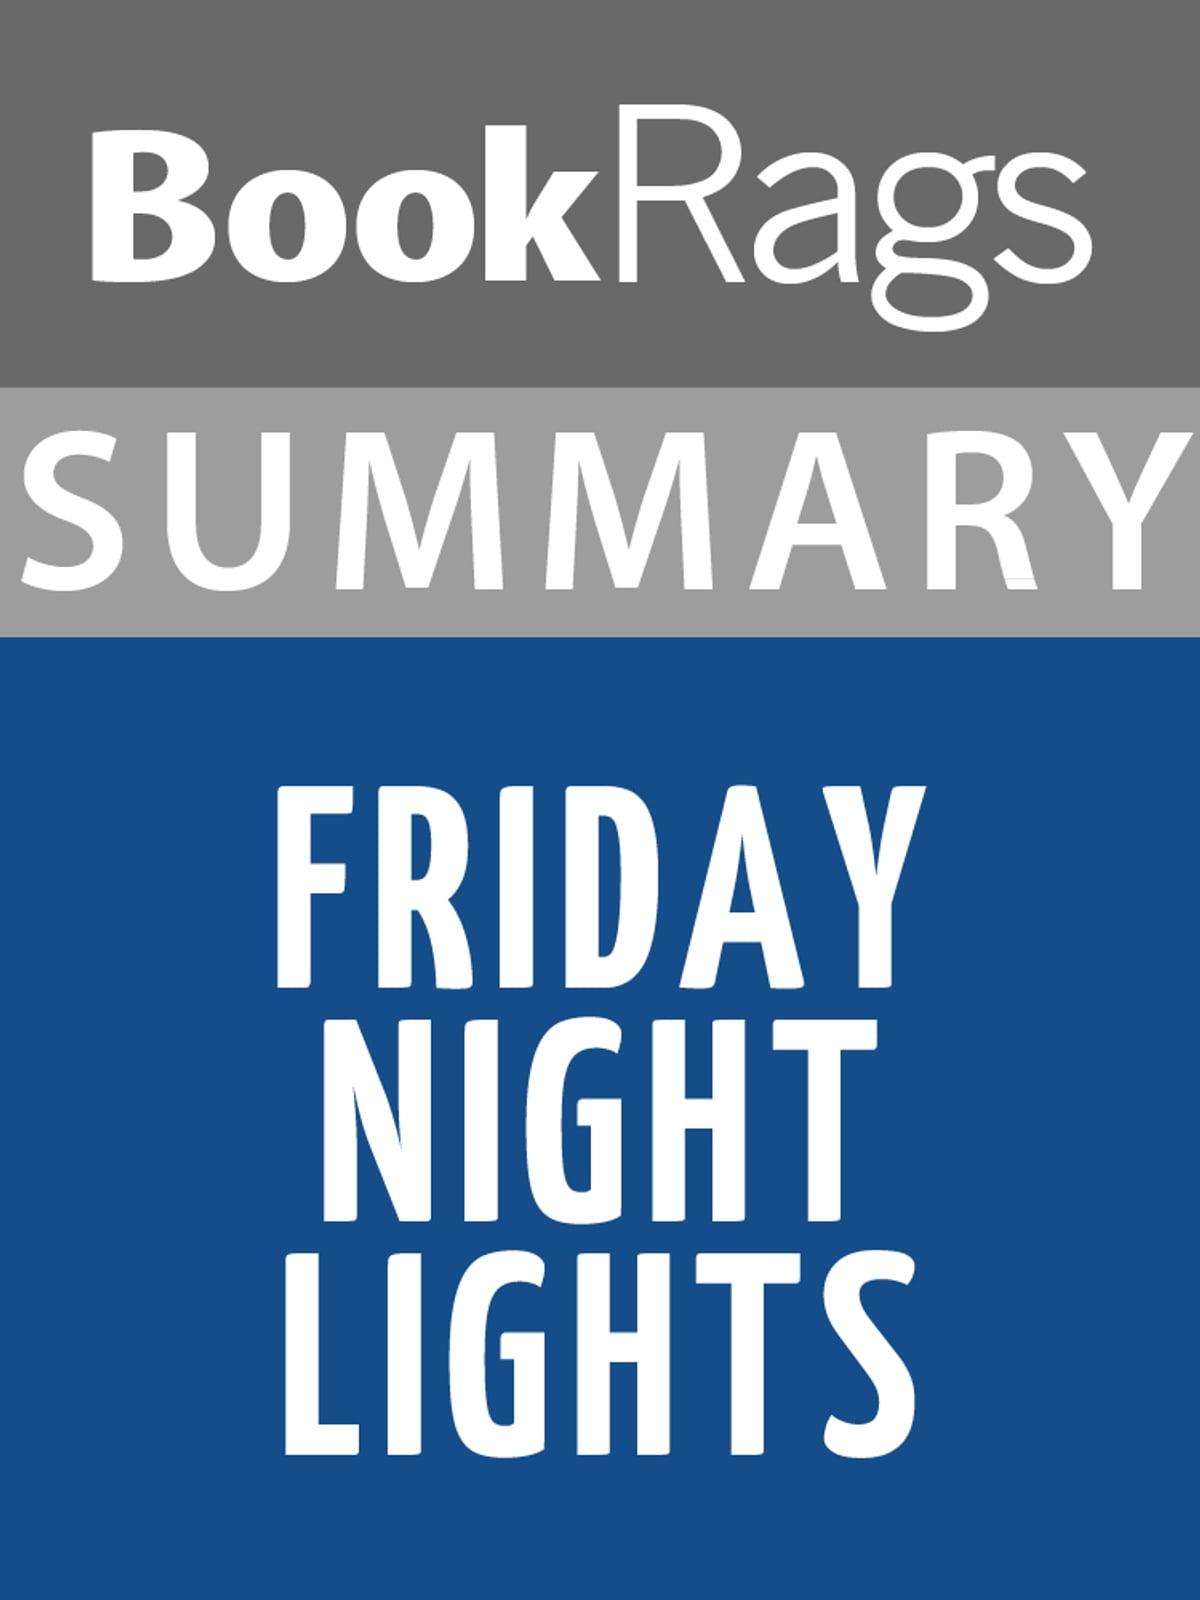 Friday Night Lights Audiobook Free